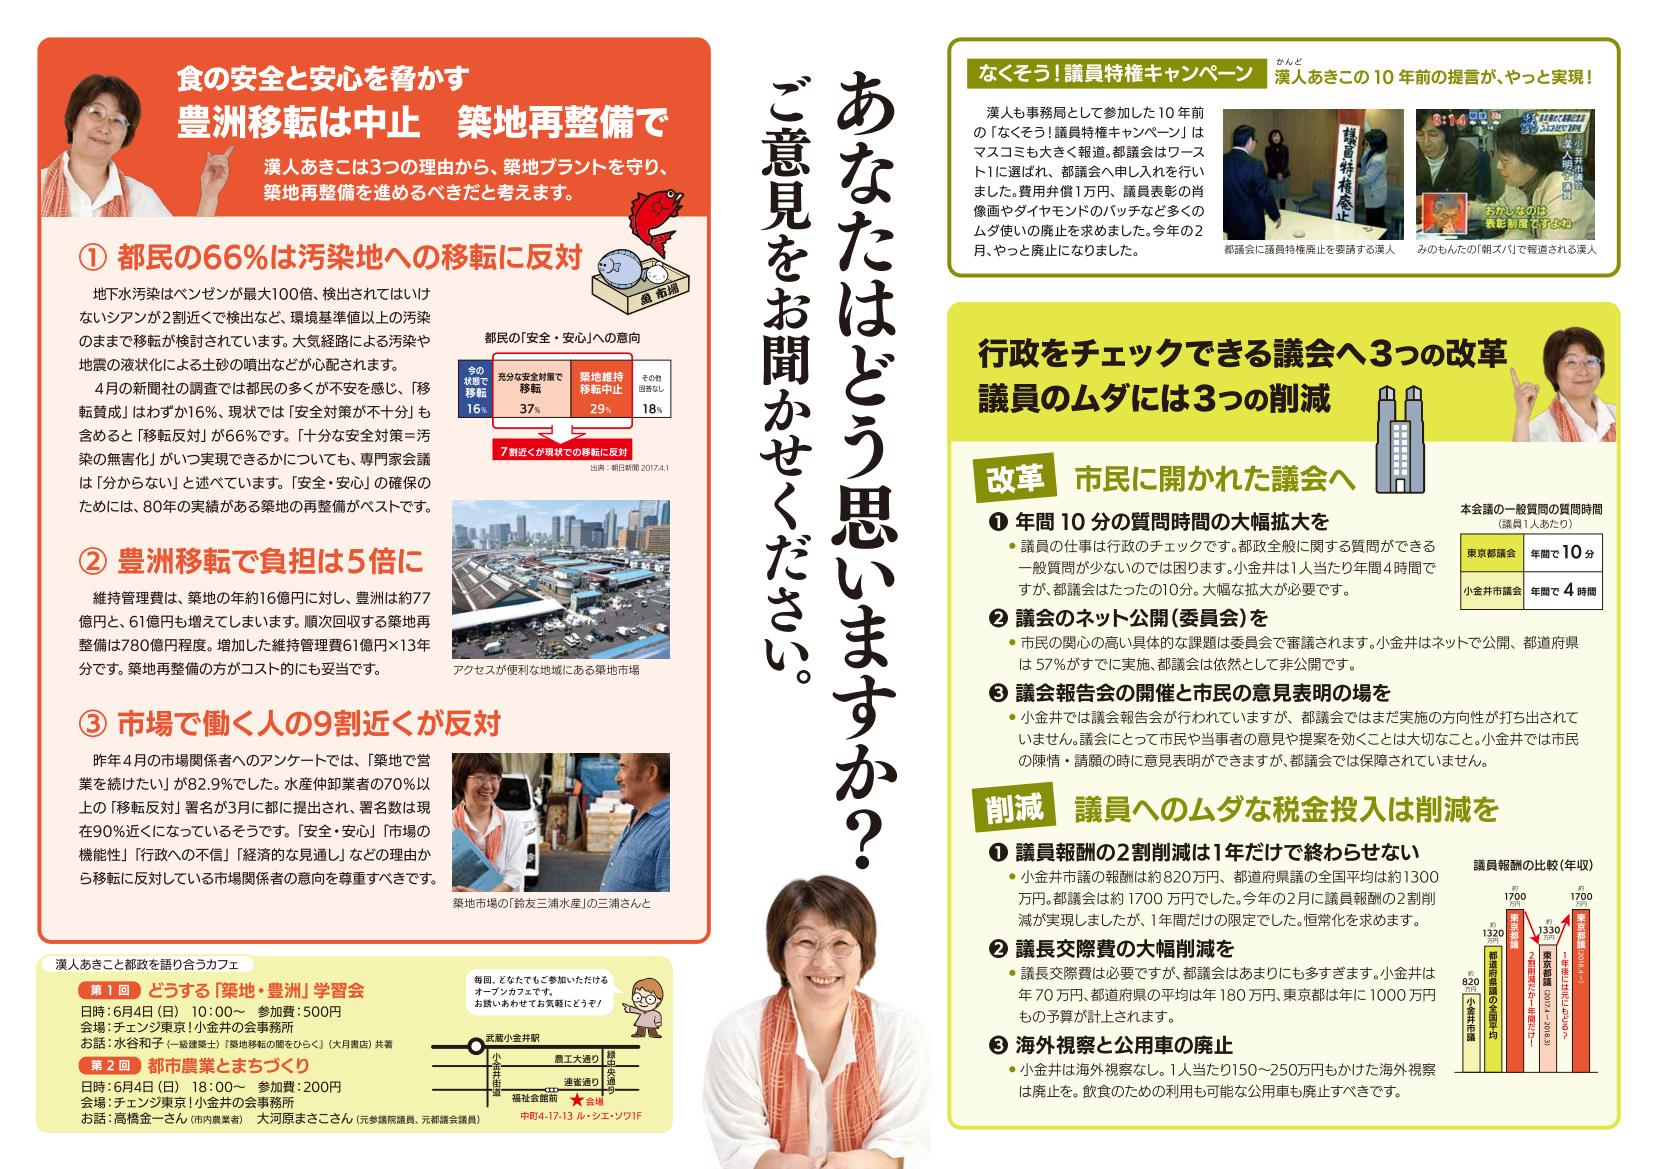 チェンジ東京!小金井の会ニュース 3号-裏